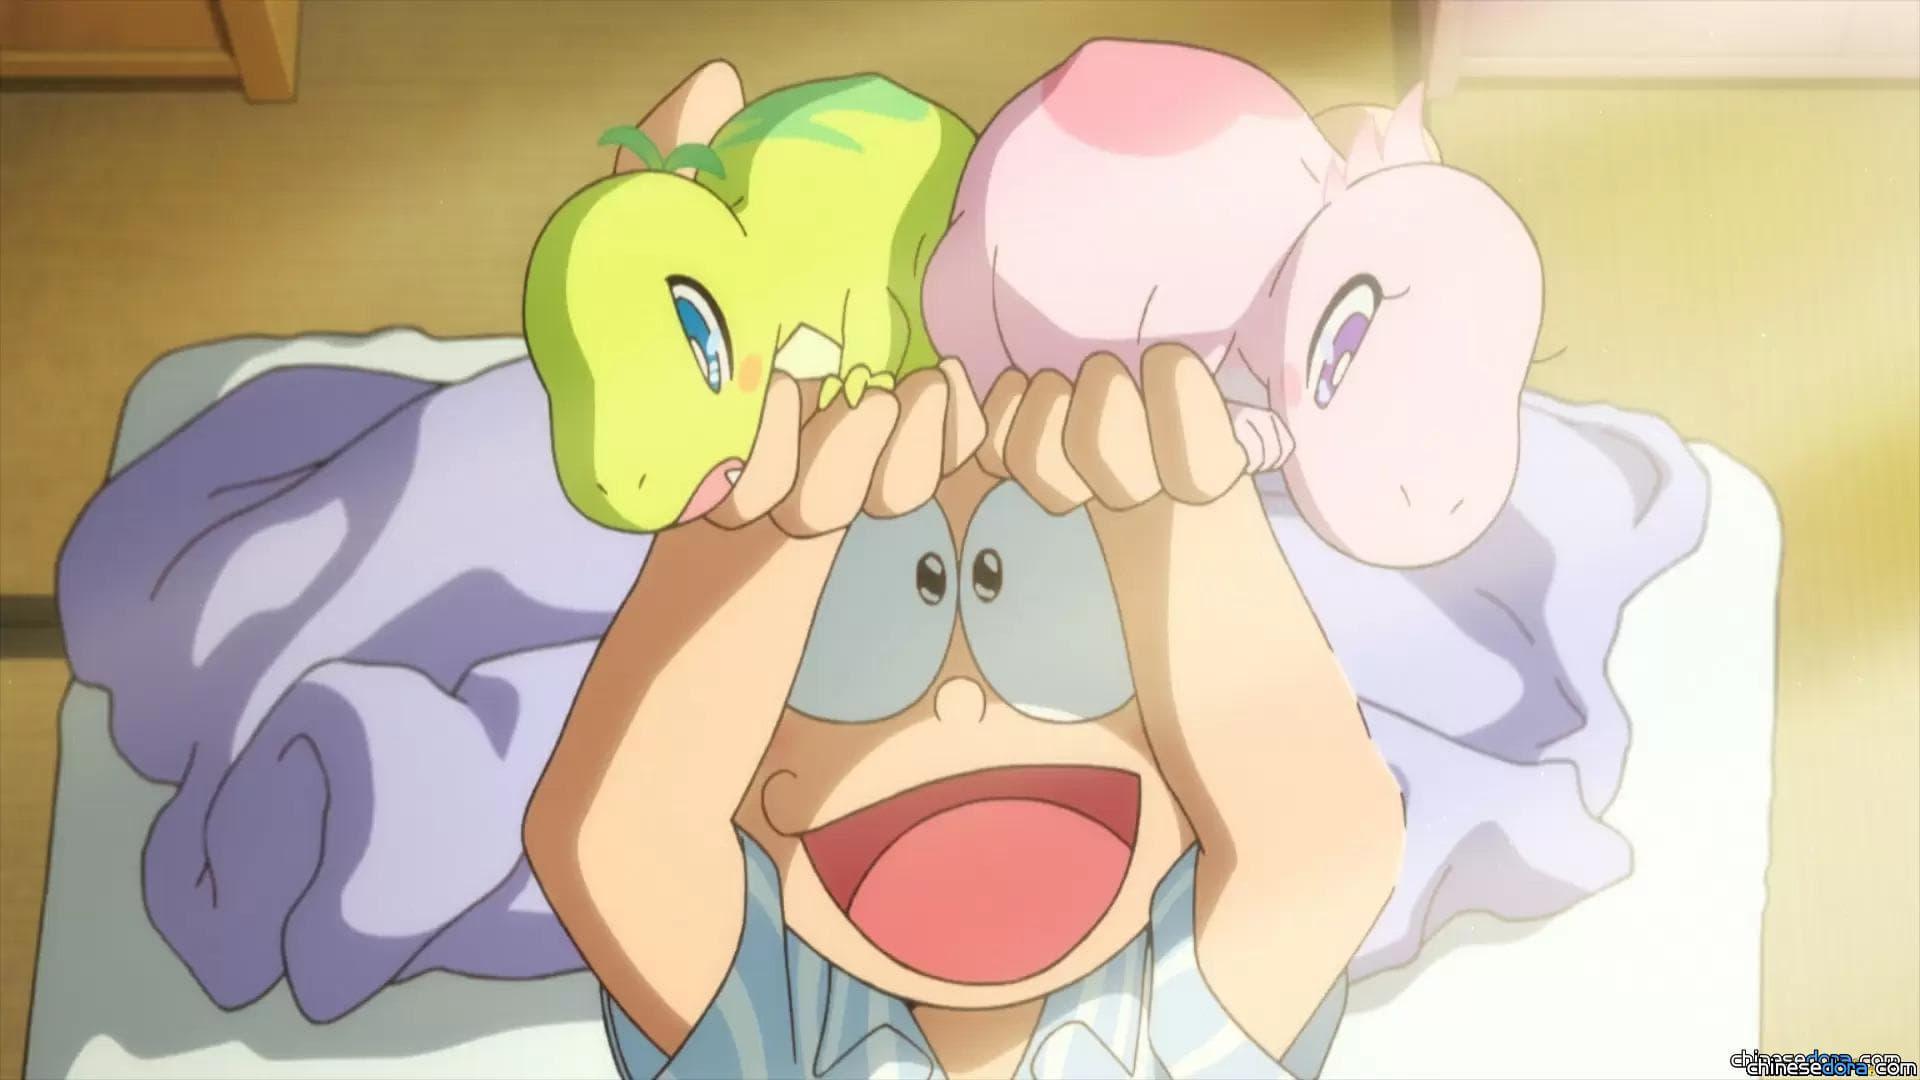 [日本] 《哆啦A夢》中登場最多的角色不是哆啦A夢?官方統計《哆啦A夢》角色登場次數排名排名出爐!